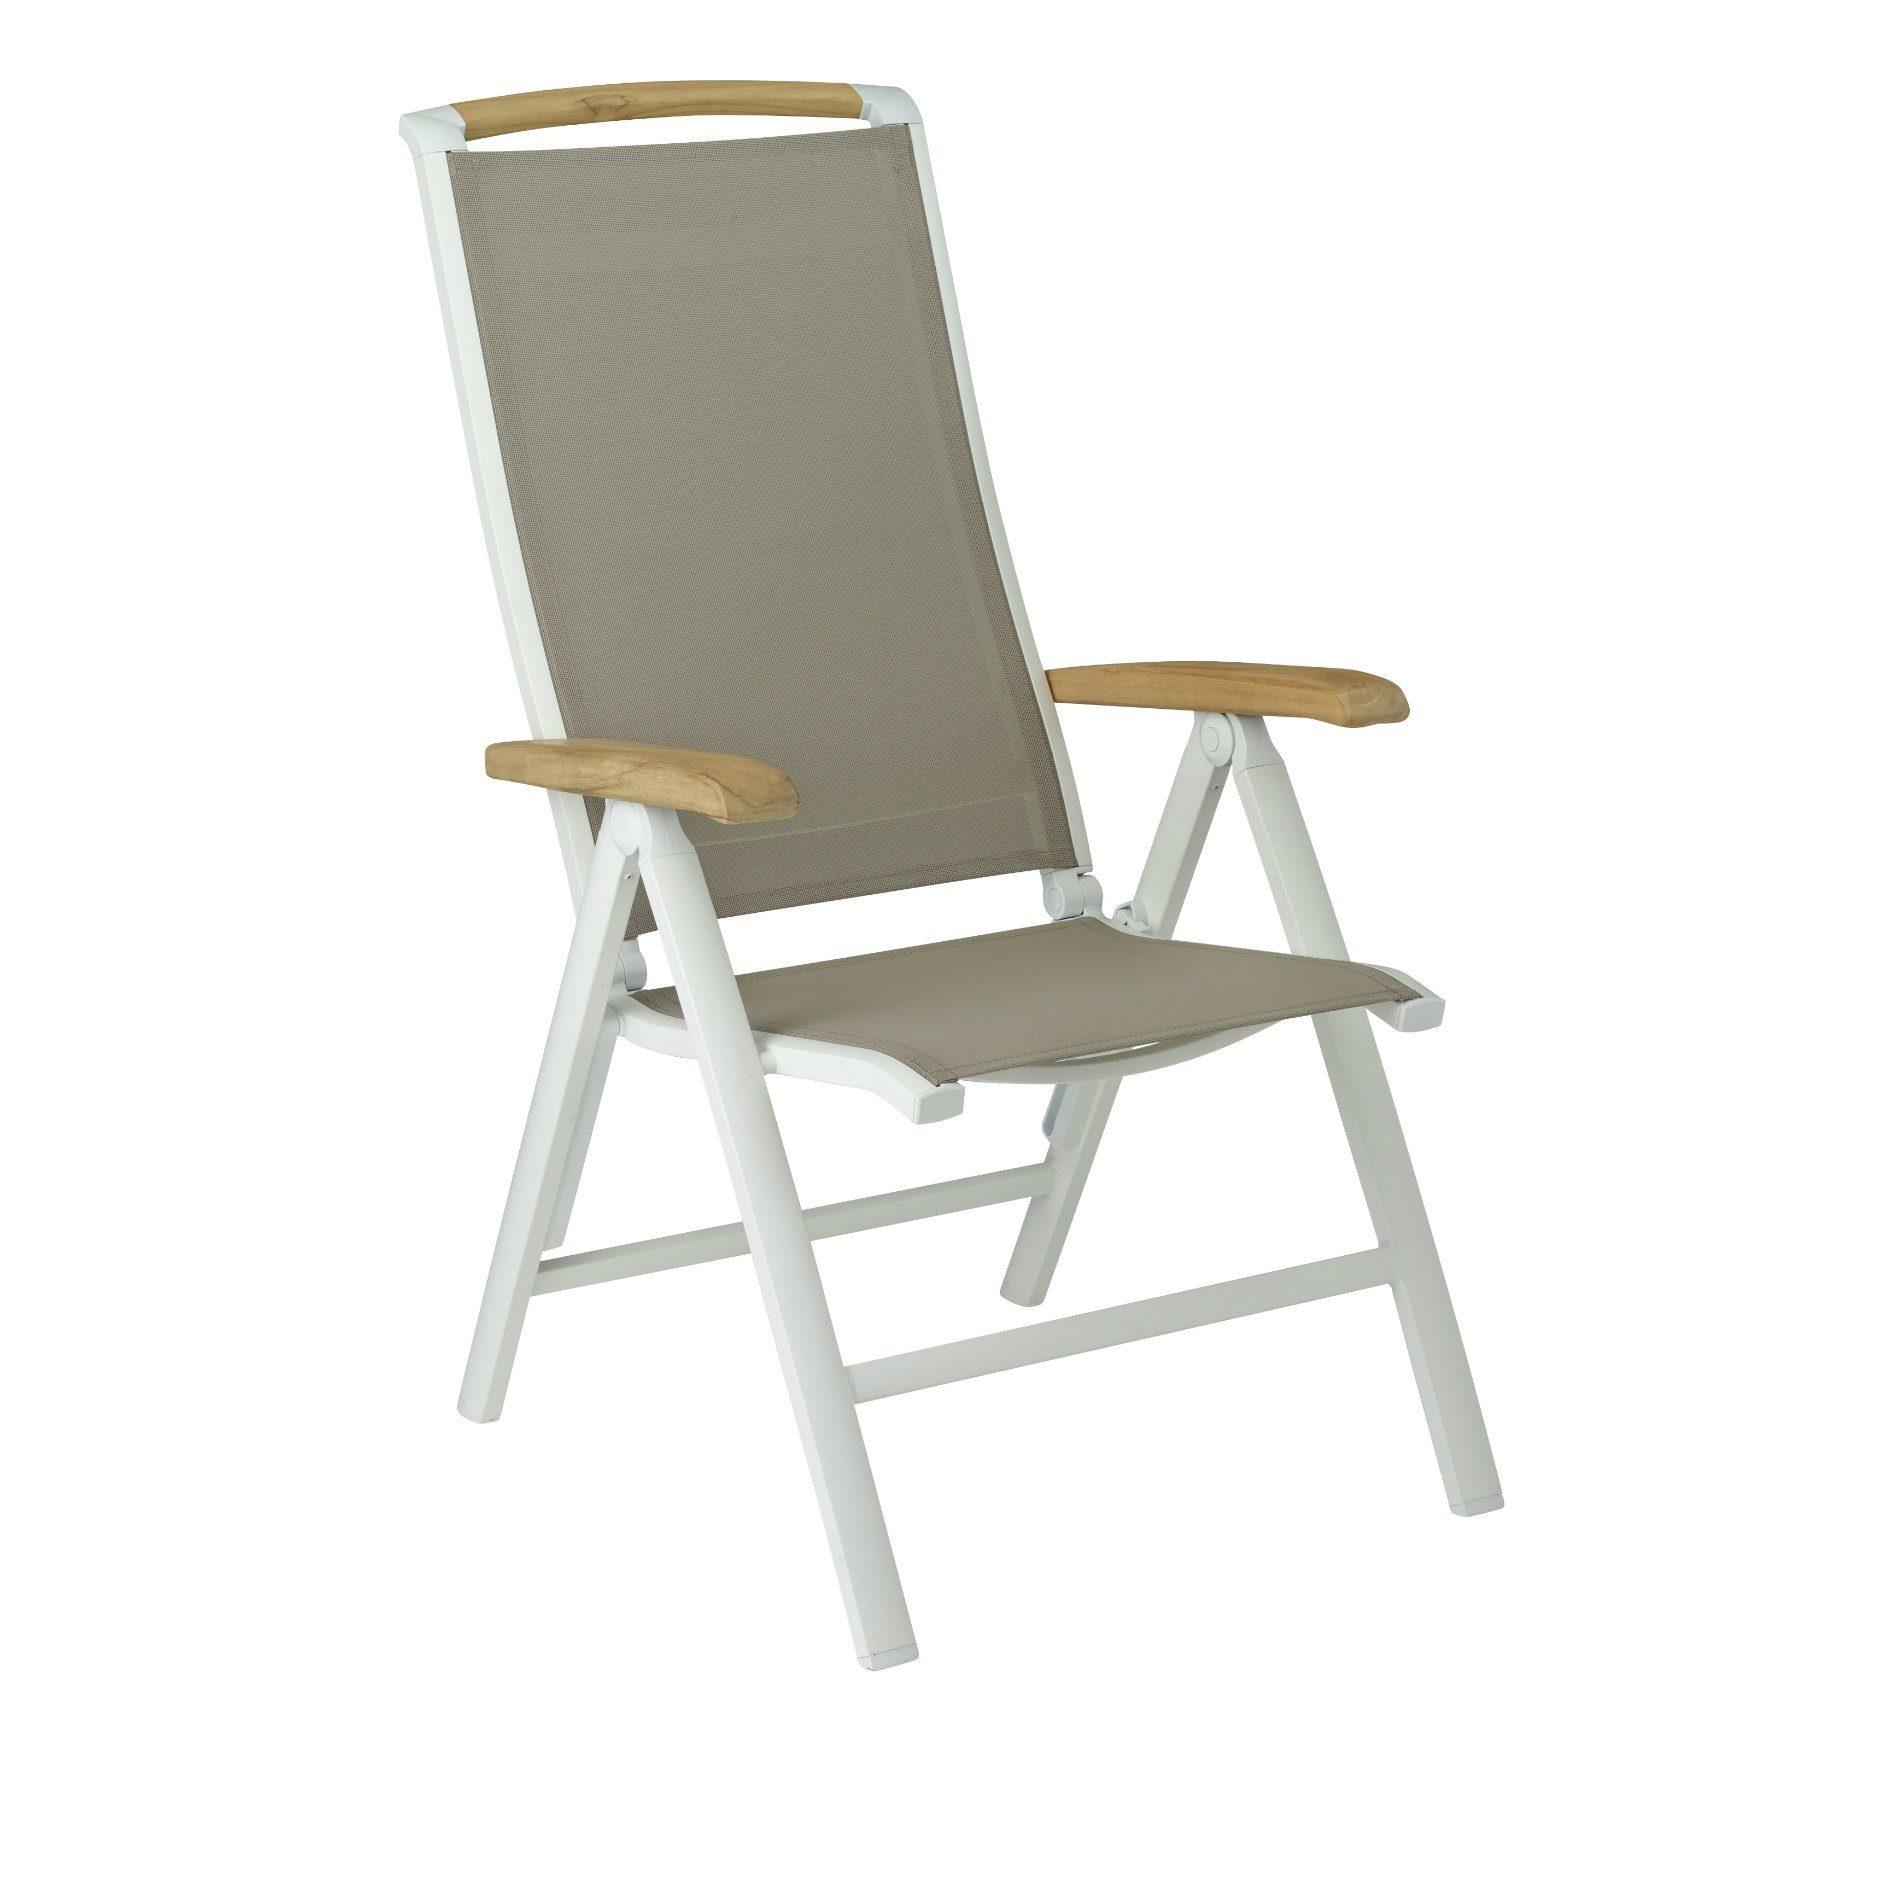 kettler memphis multipositionssessel. Black Bedroom Furniture Sets. Home Design Ideas